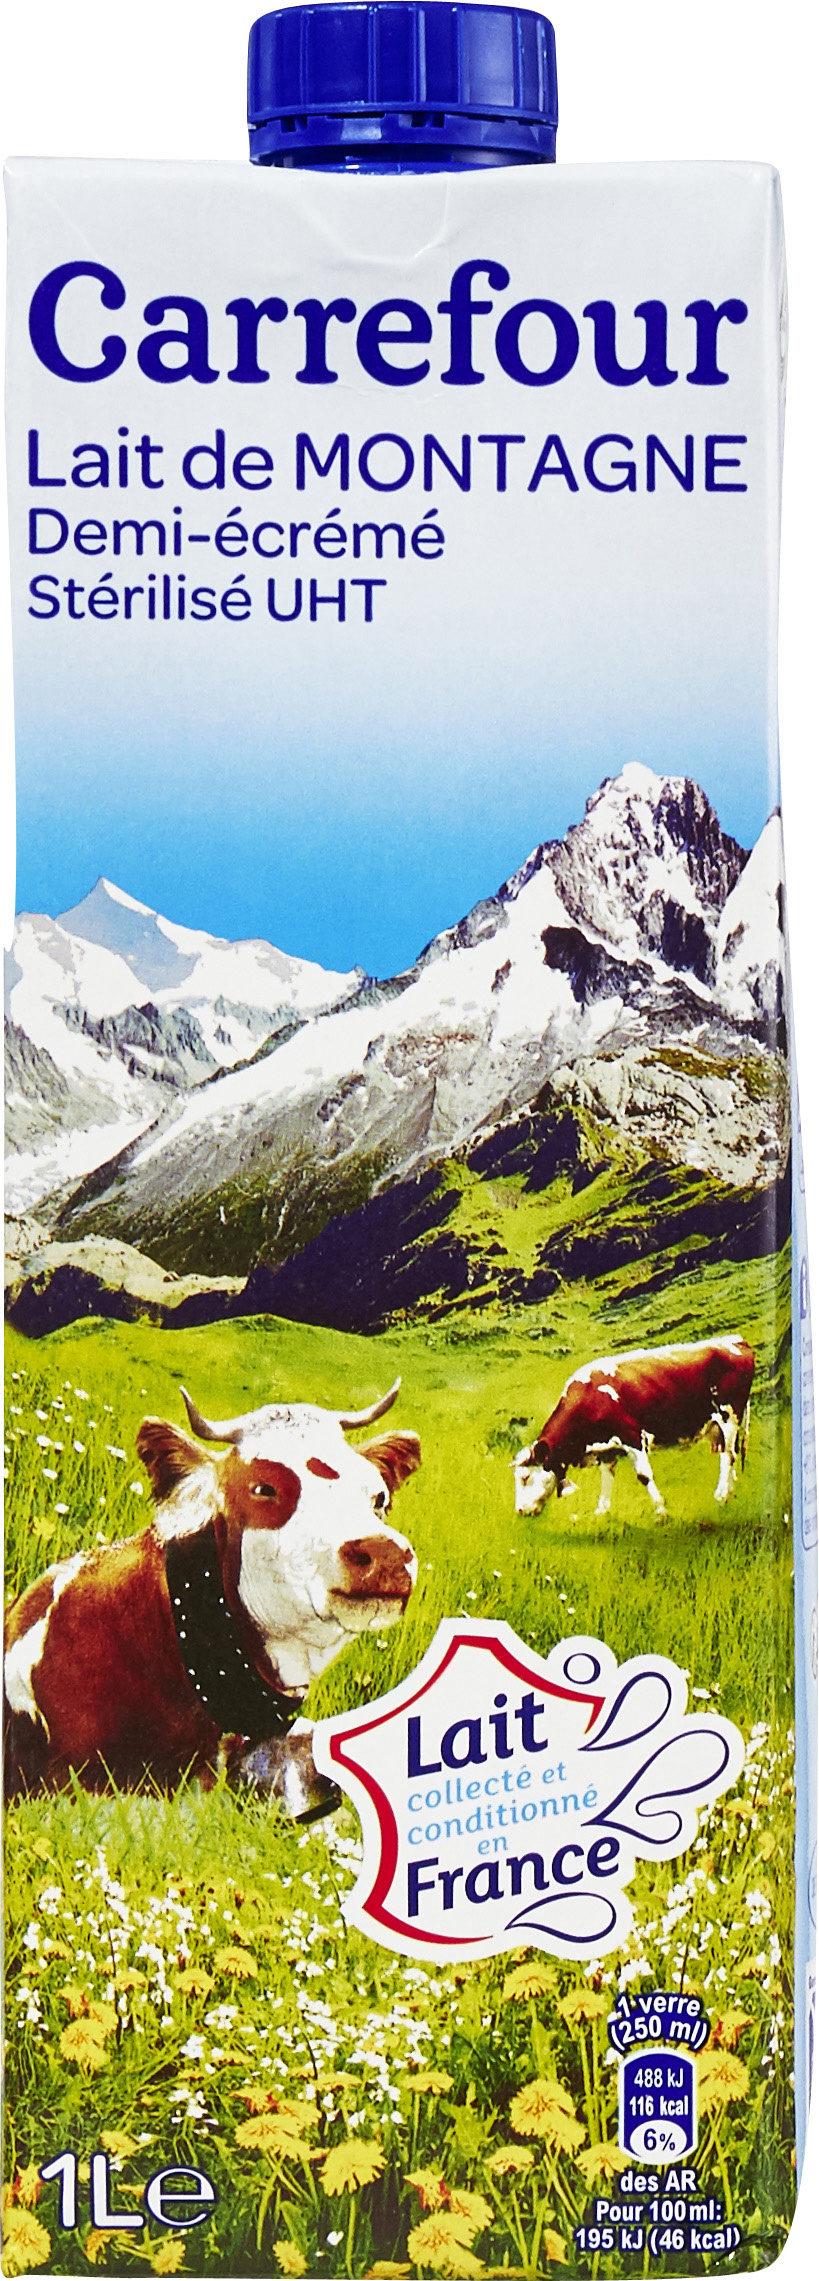 Lait de montagne (demi-écrémé) - Product - fr